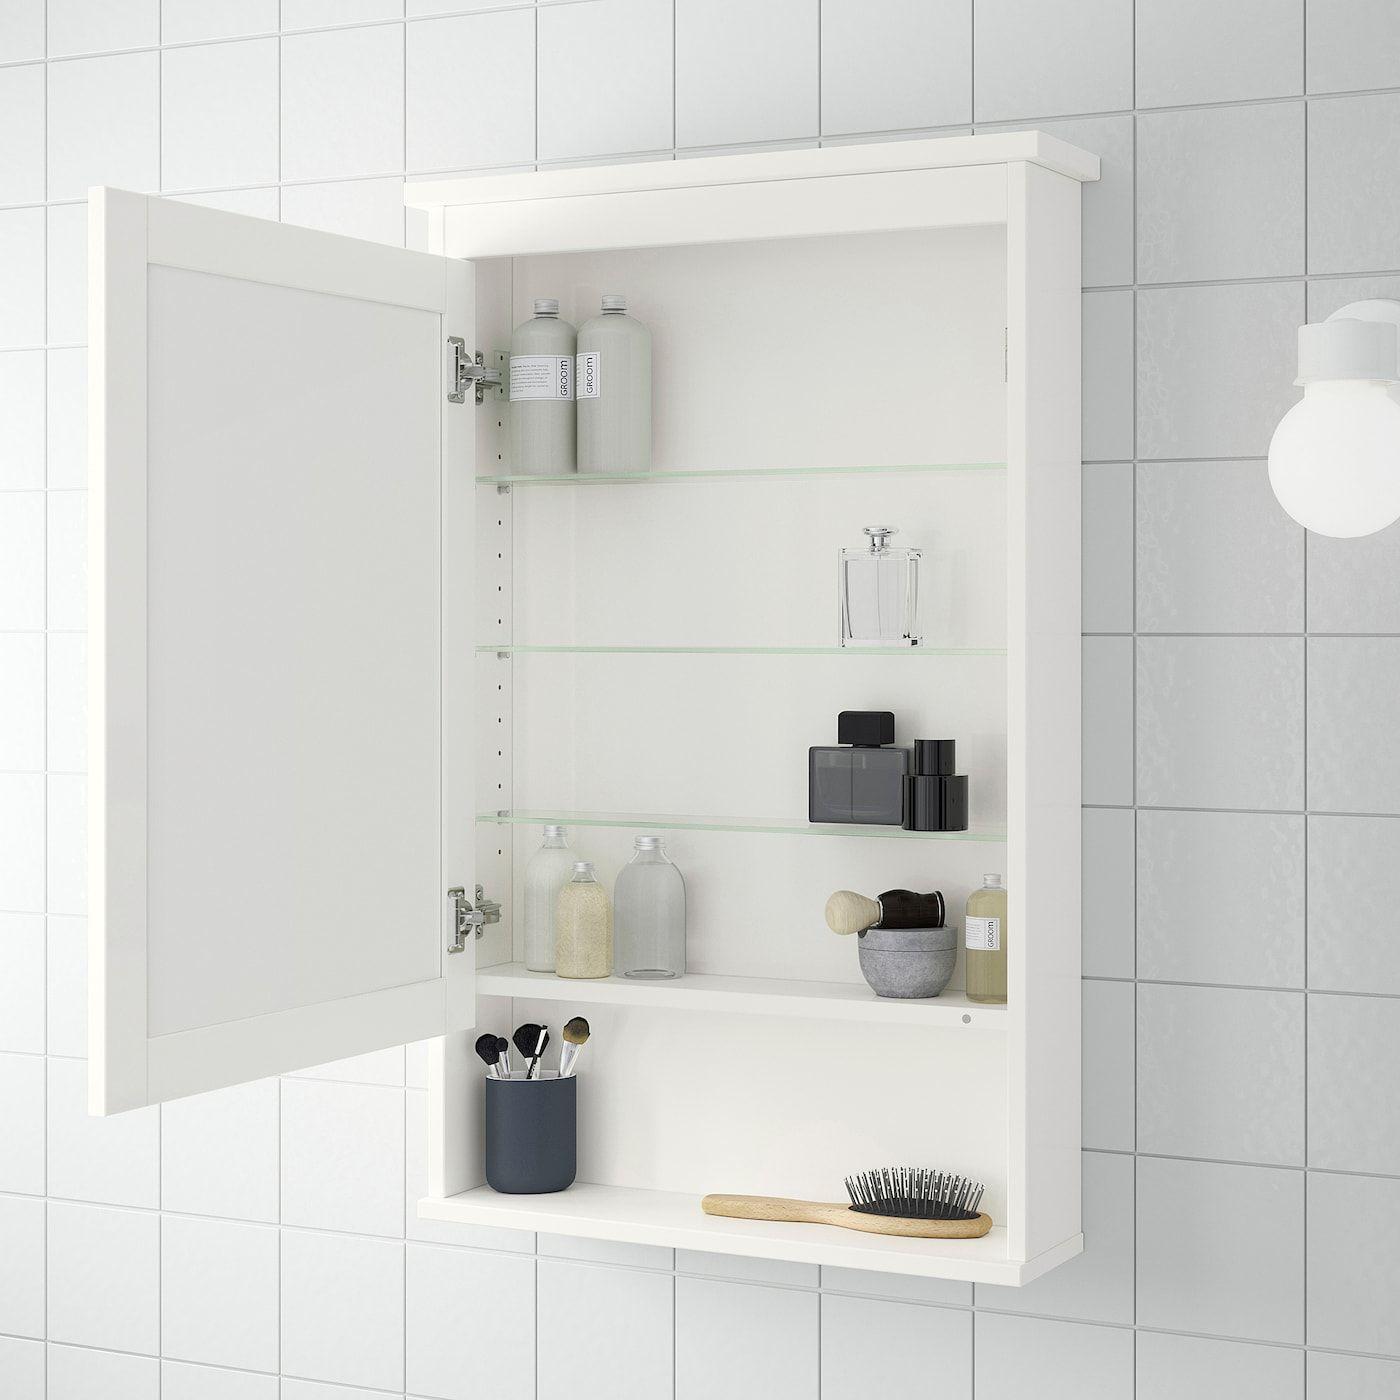 Ikea Hemnes White Mirror Cabinet With 1 Door In 2020 Mirror